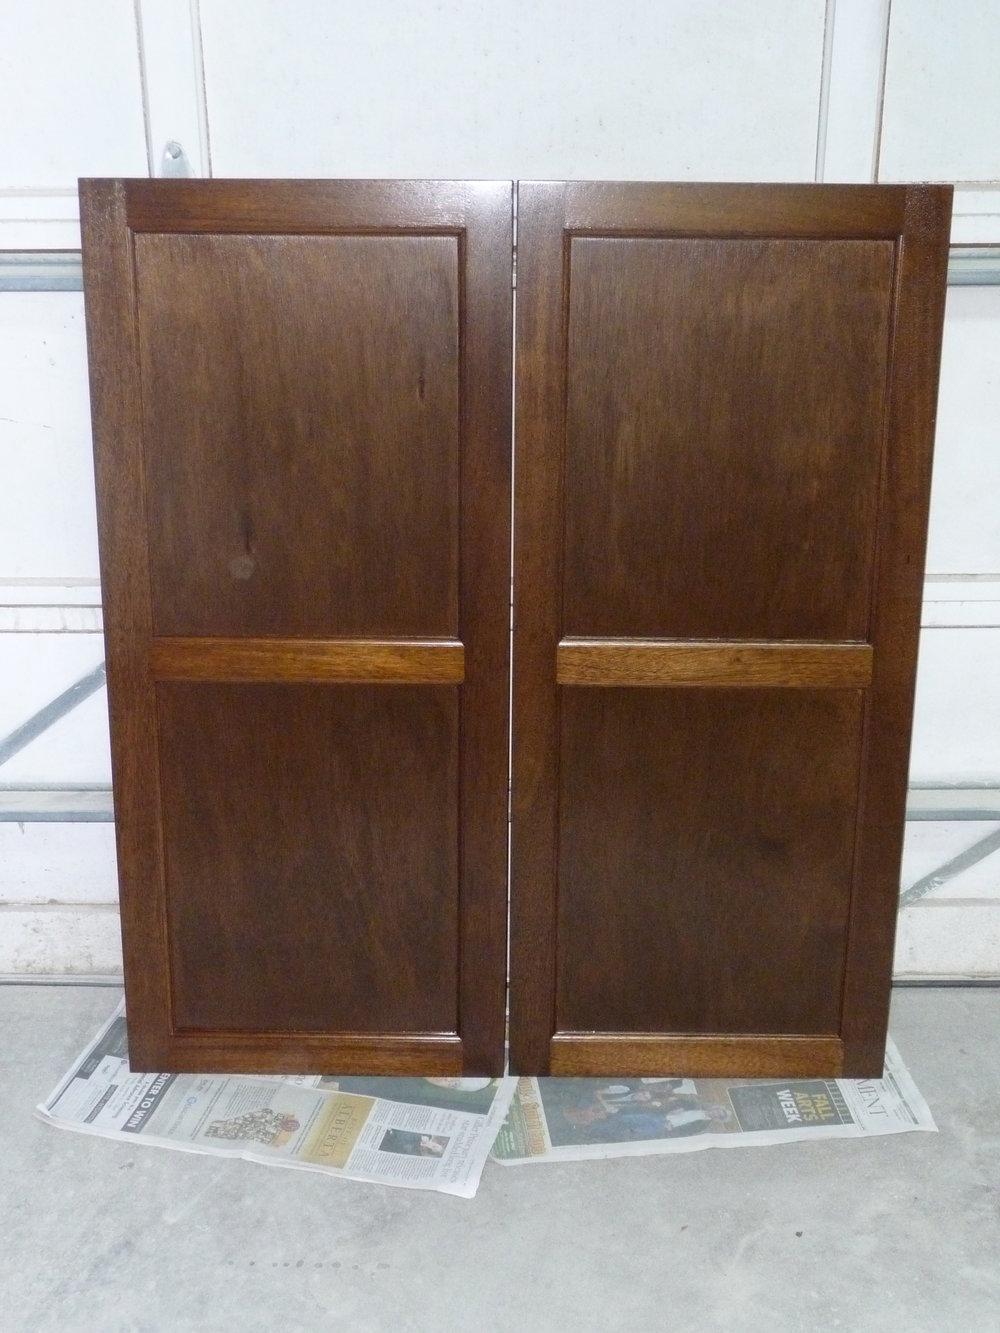 Mahoghany Cabinet Doors